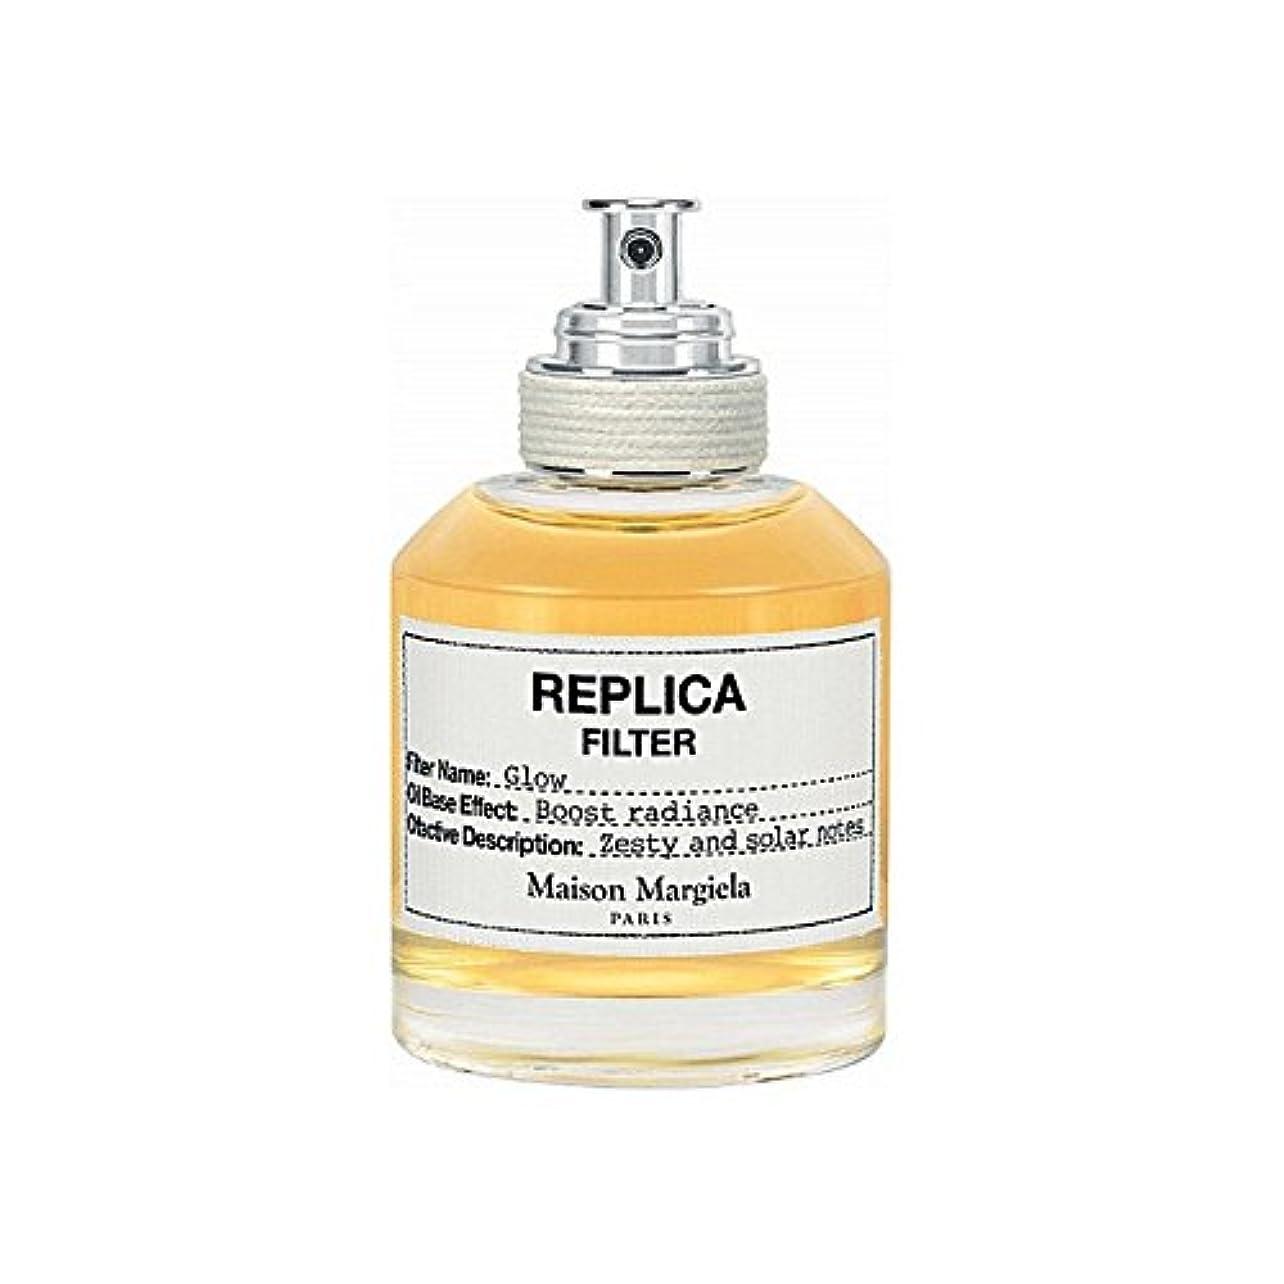 頑固なシングル精巧なMaison Margiela Glow Replica Filter 50ml - メゾンマルジェラグローレプリカフィルタ50ミリリットル [並行輸入品]